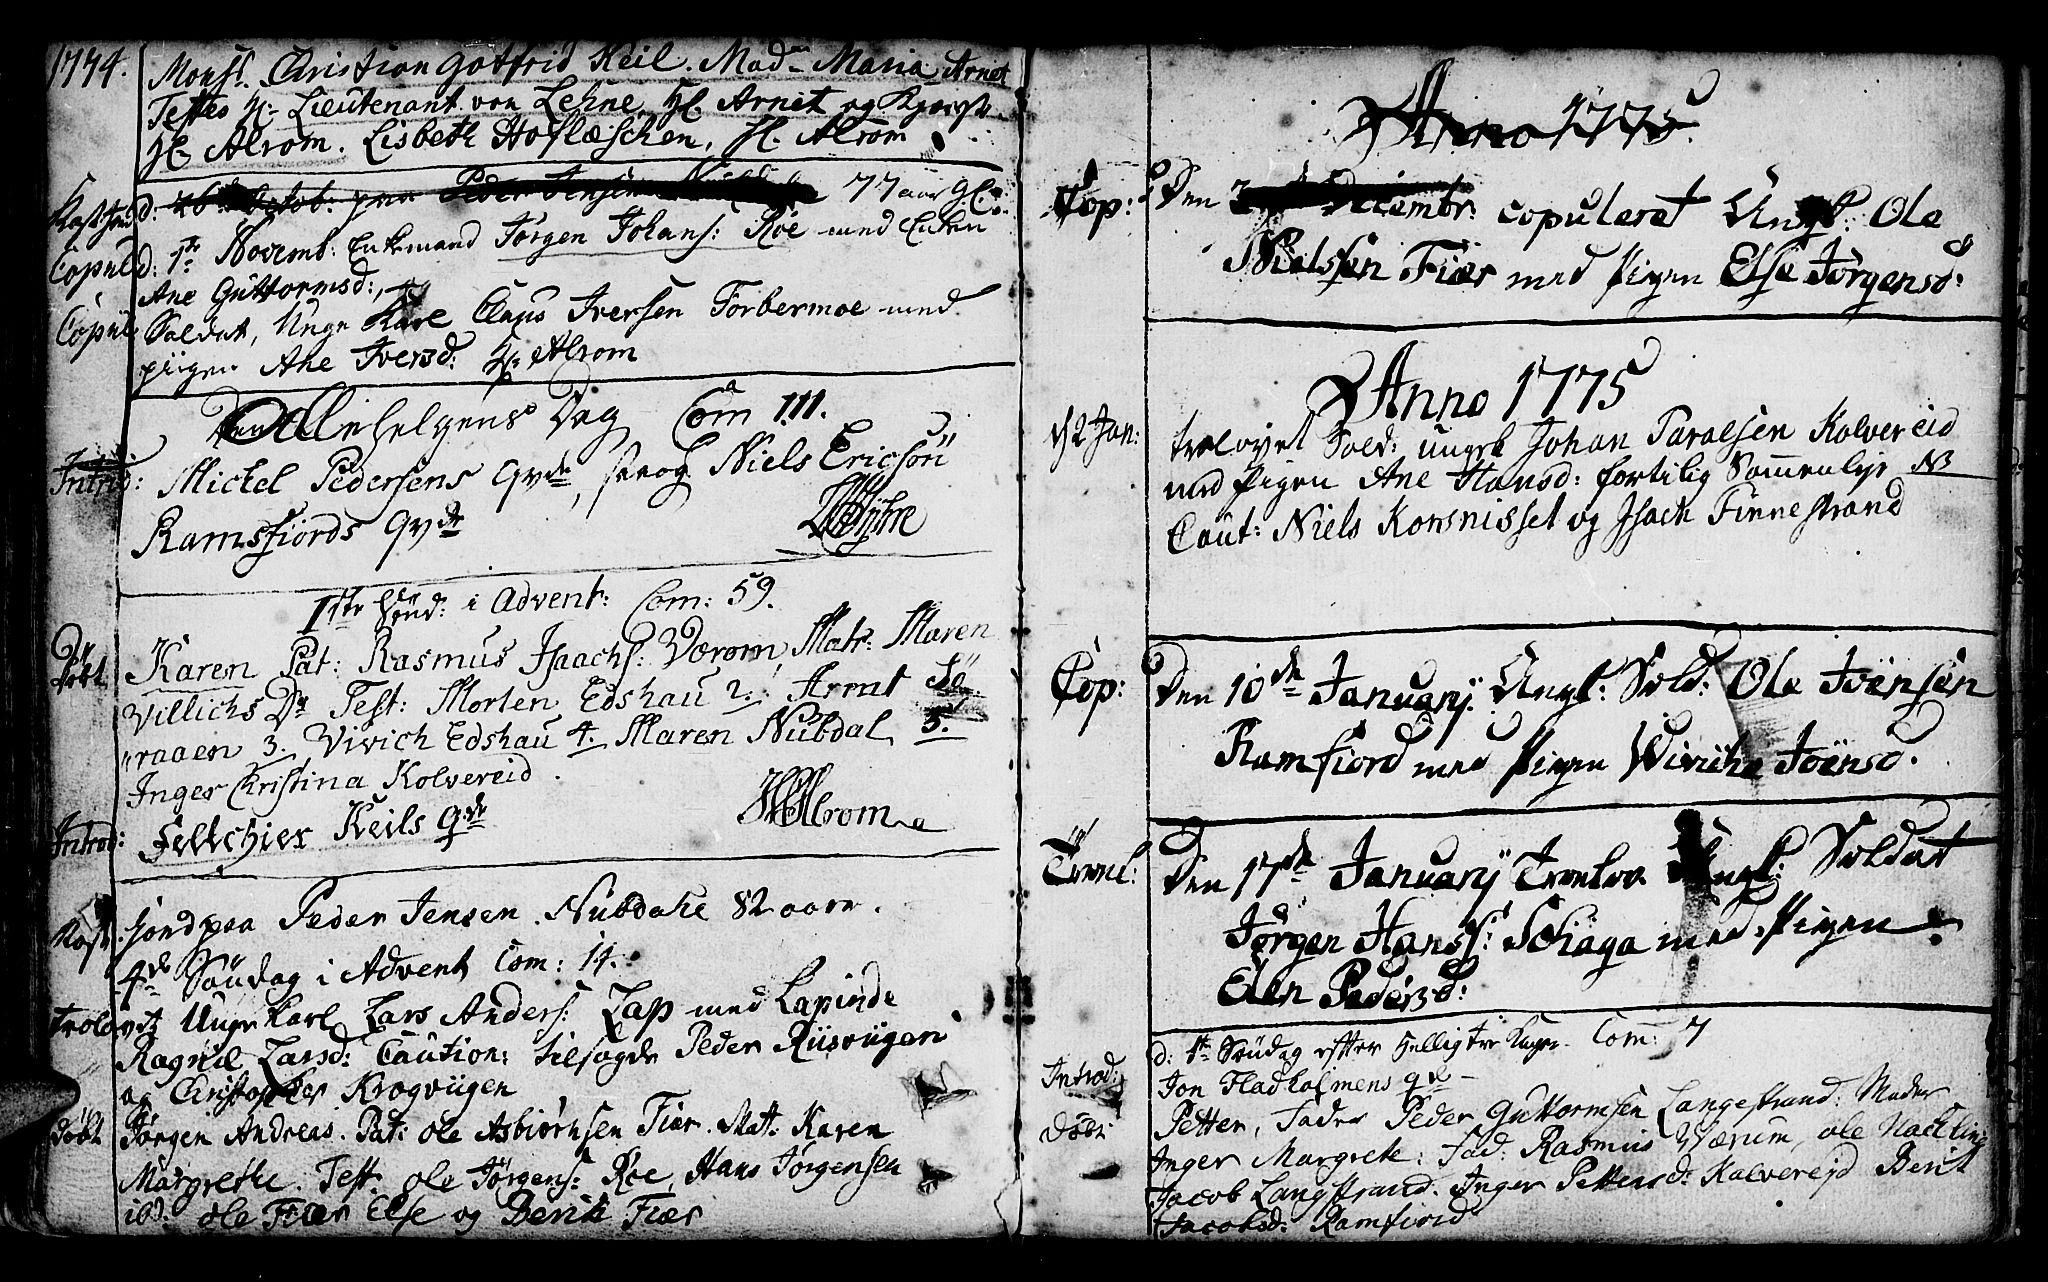 SAT, Ministerialprotokoller, klokkerbøker og fødselsregistre - Nord-Trøndelag, 780/L0632: Ministerialbok nr. 780A01, 1736-1786